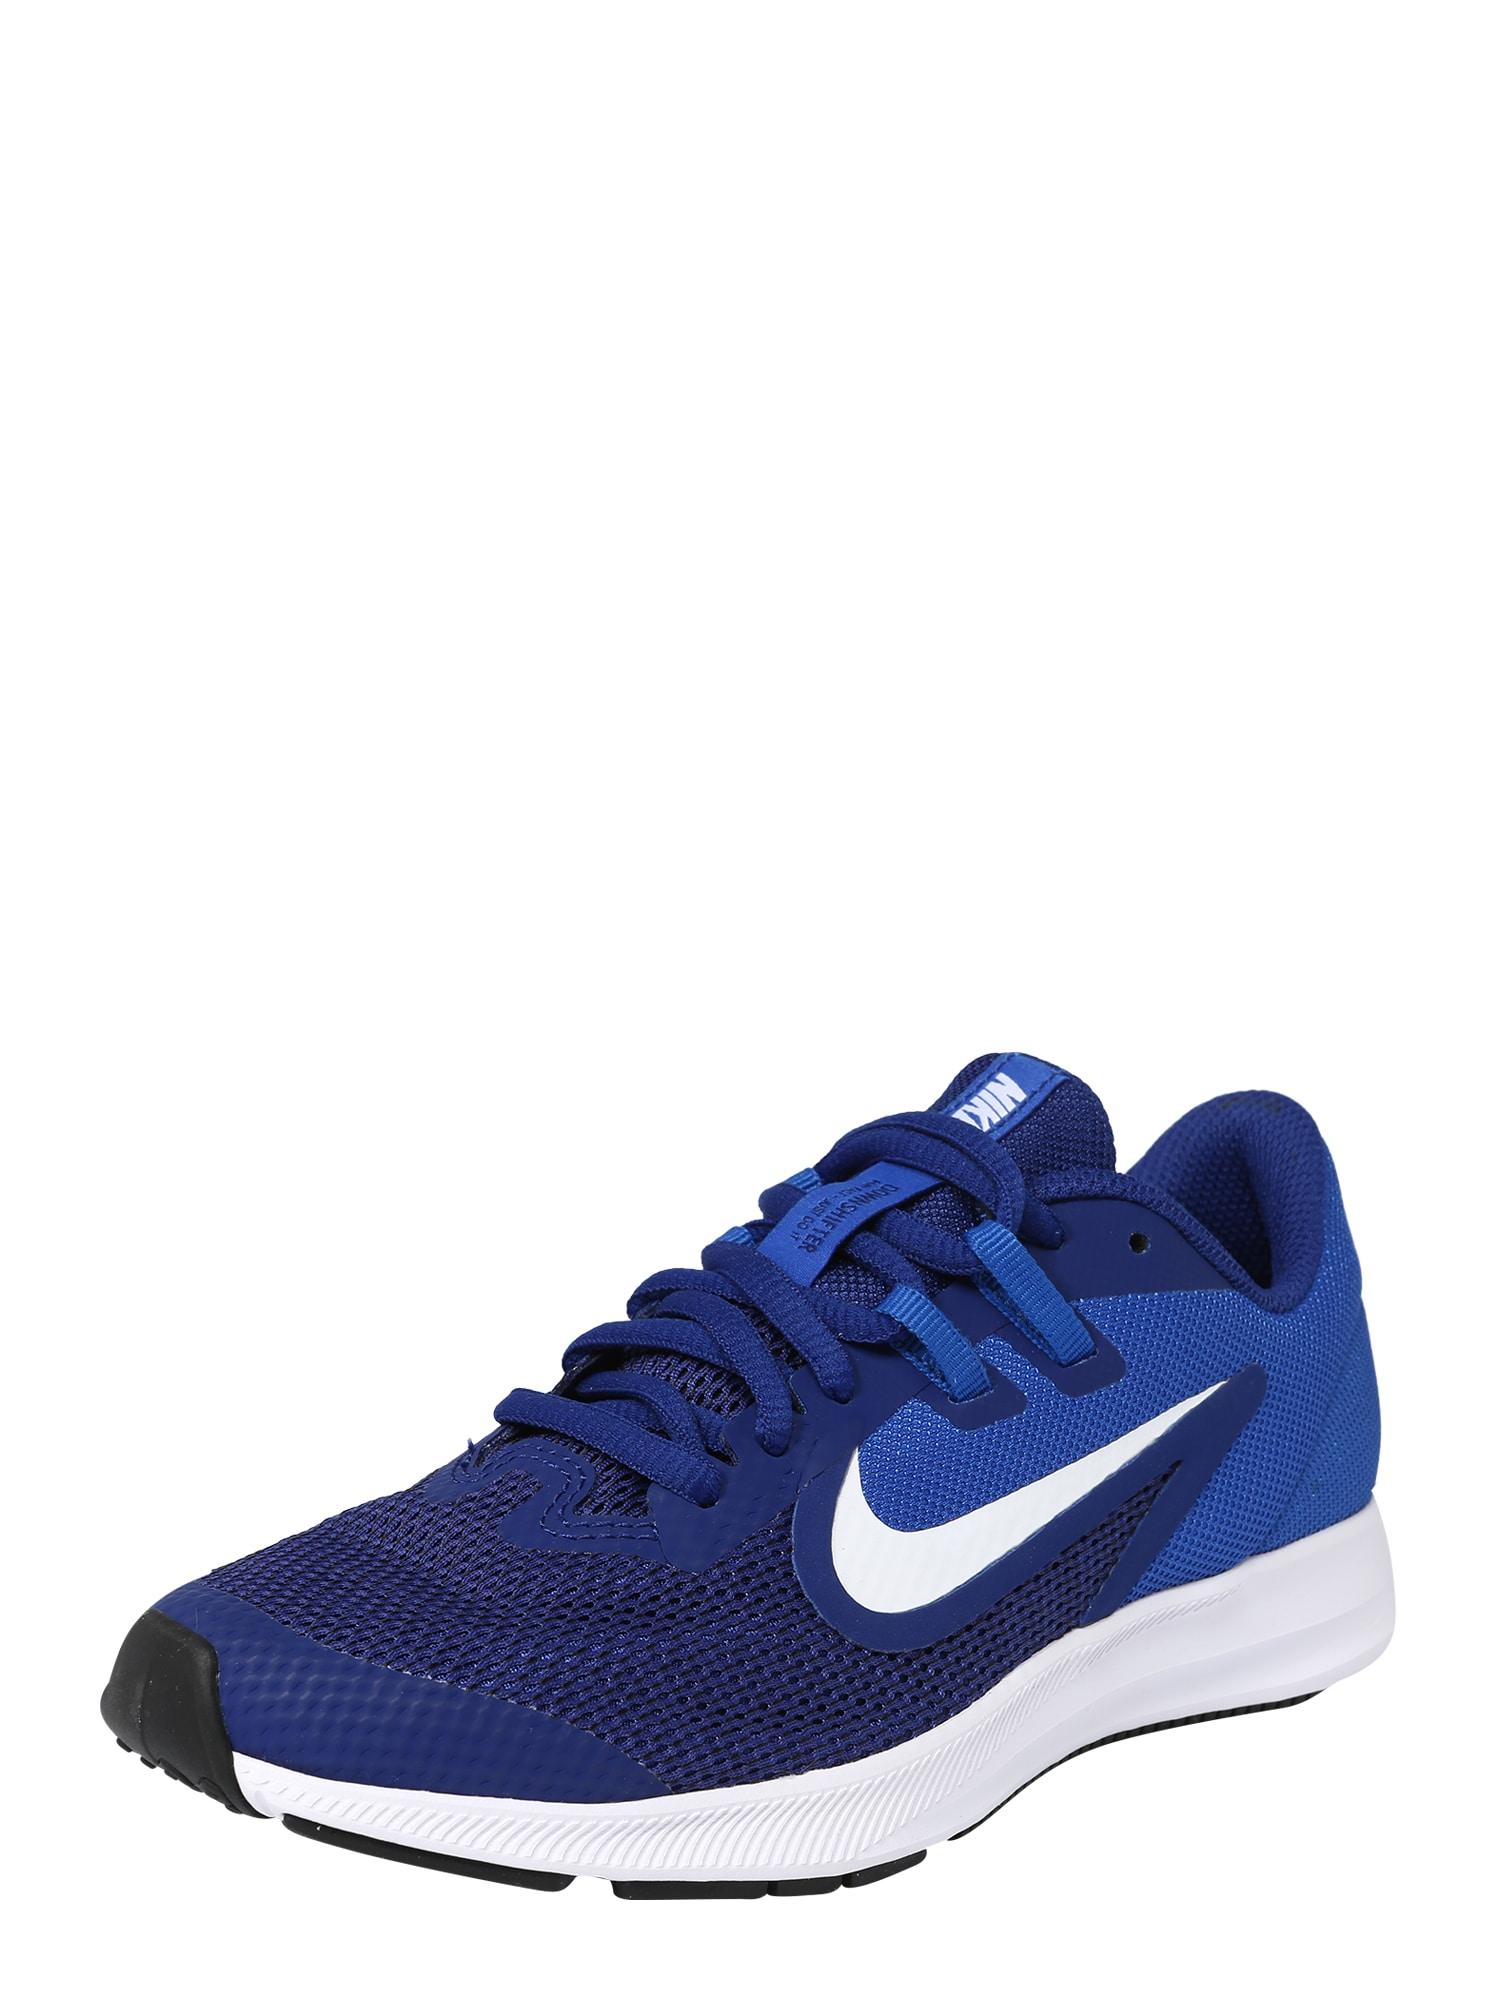 Sportovní boty Nike Downshifter 9 královská modrá tmavě modrá bílá NIKE